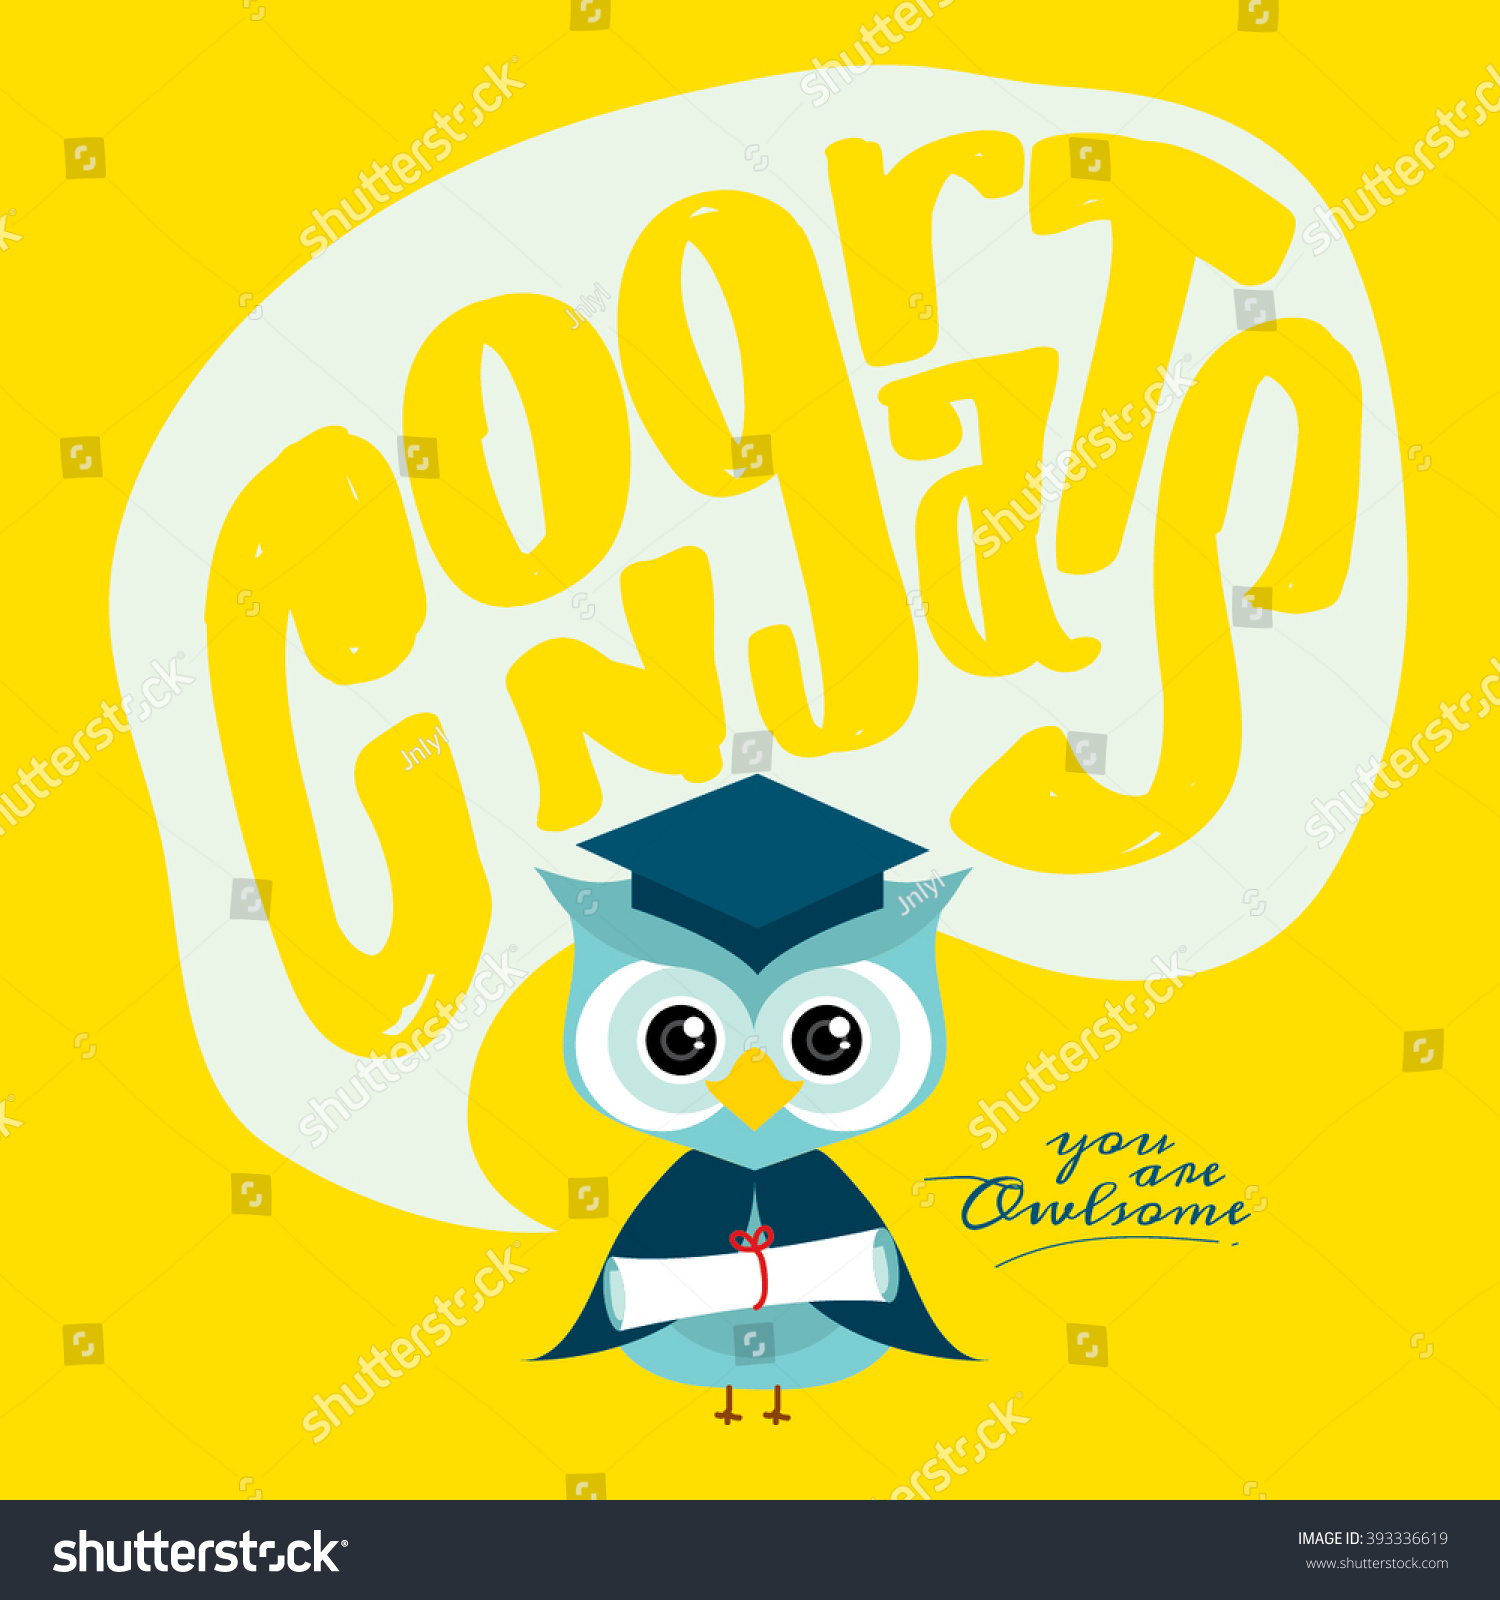 Happy Graduation Congrats Typography Design Congratulations Stock